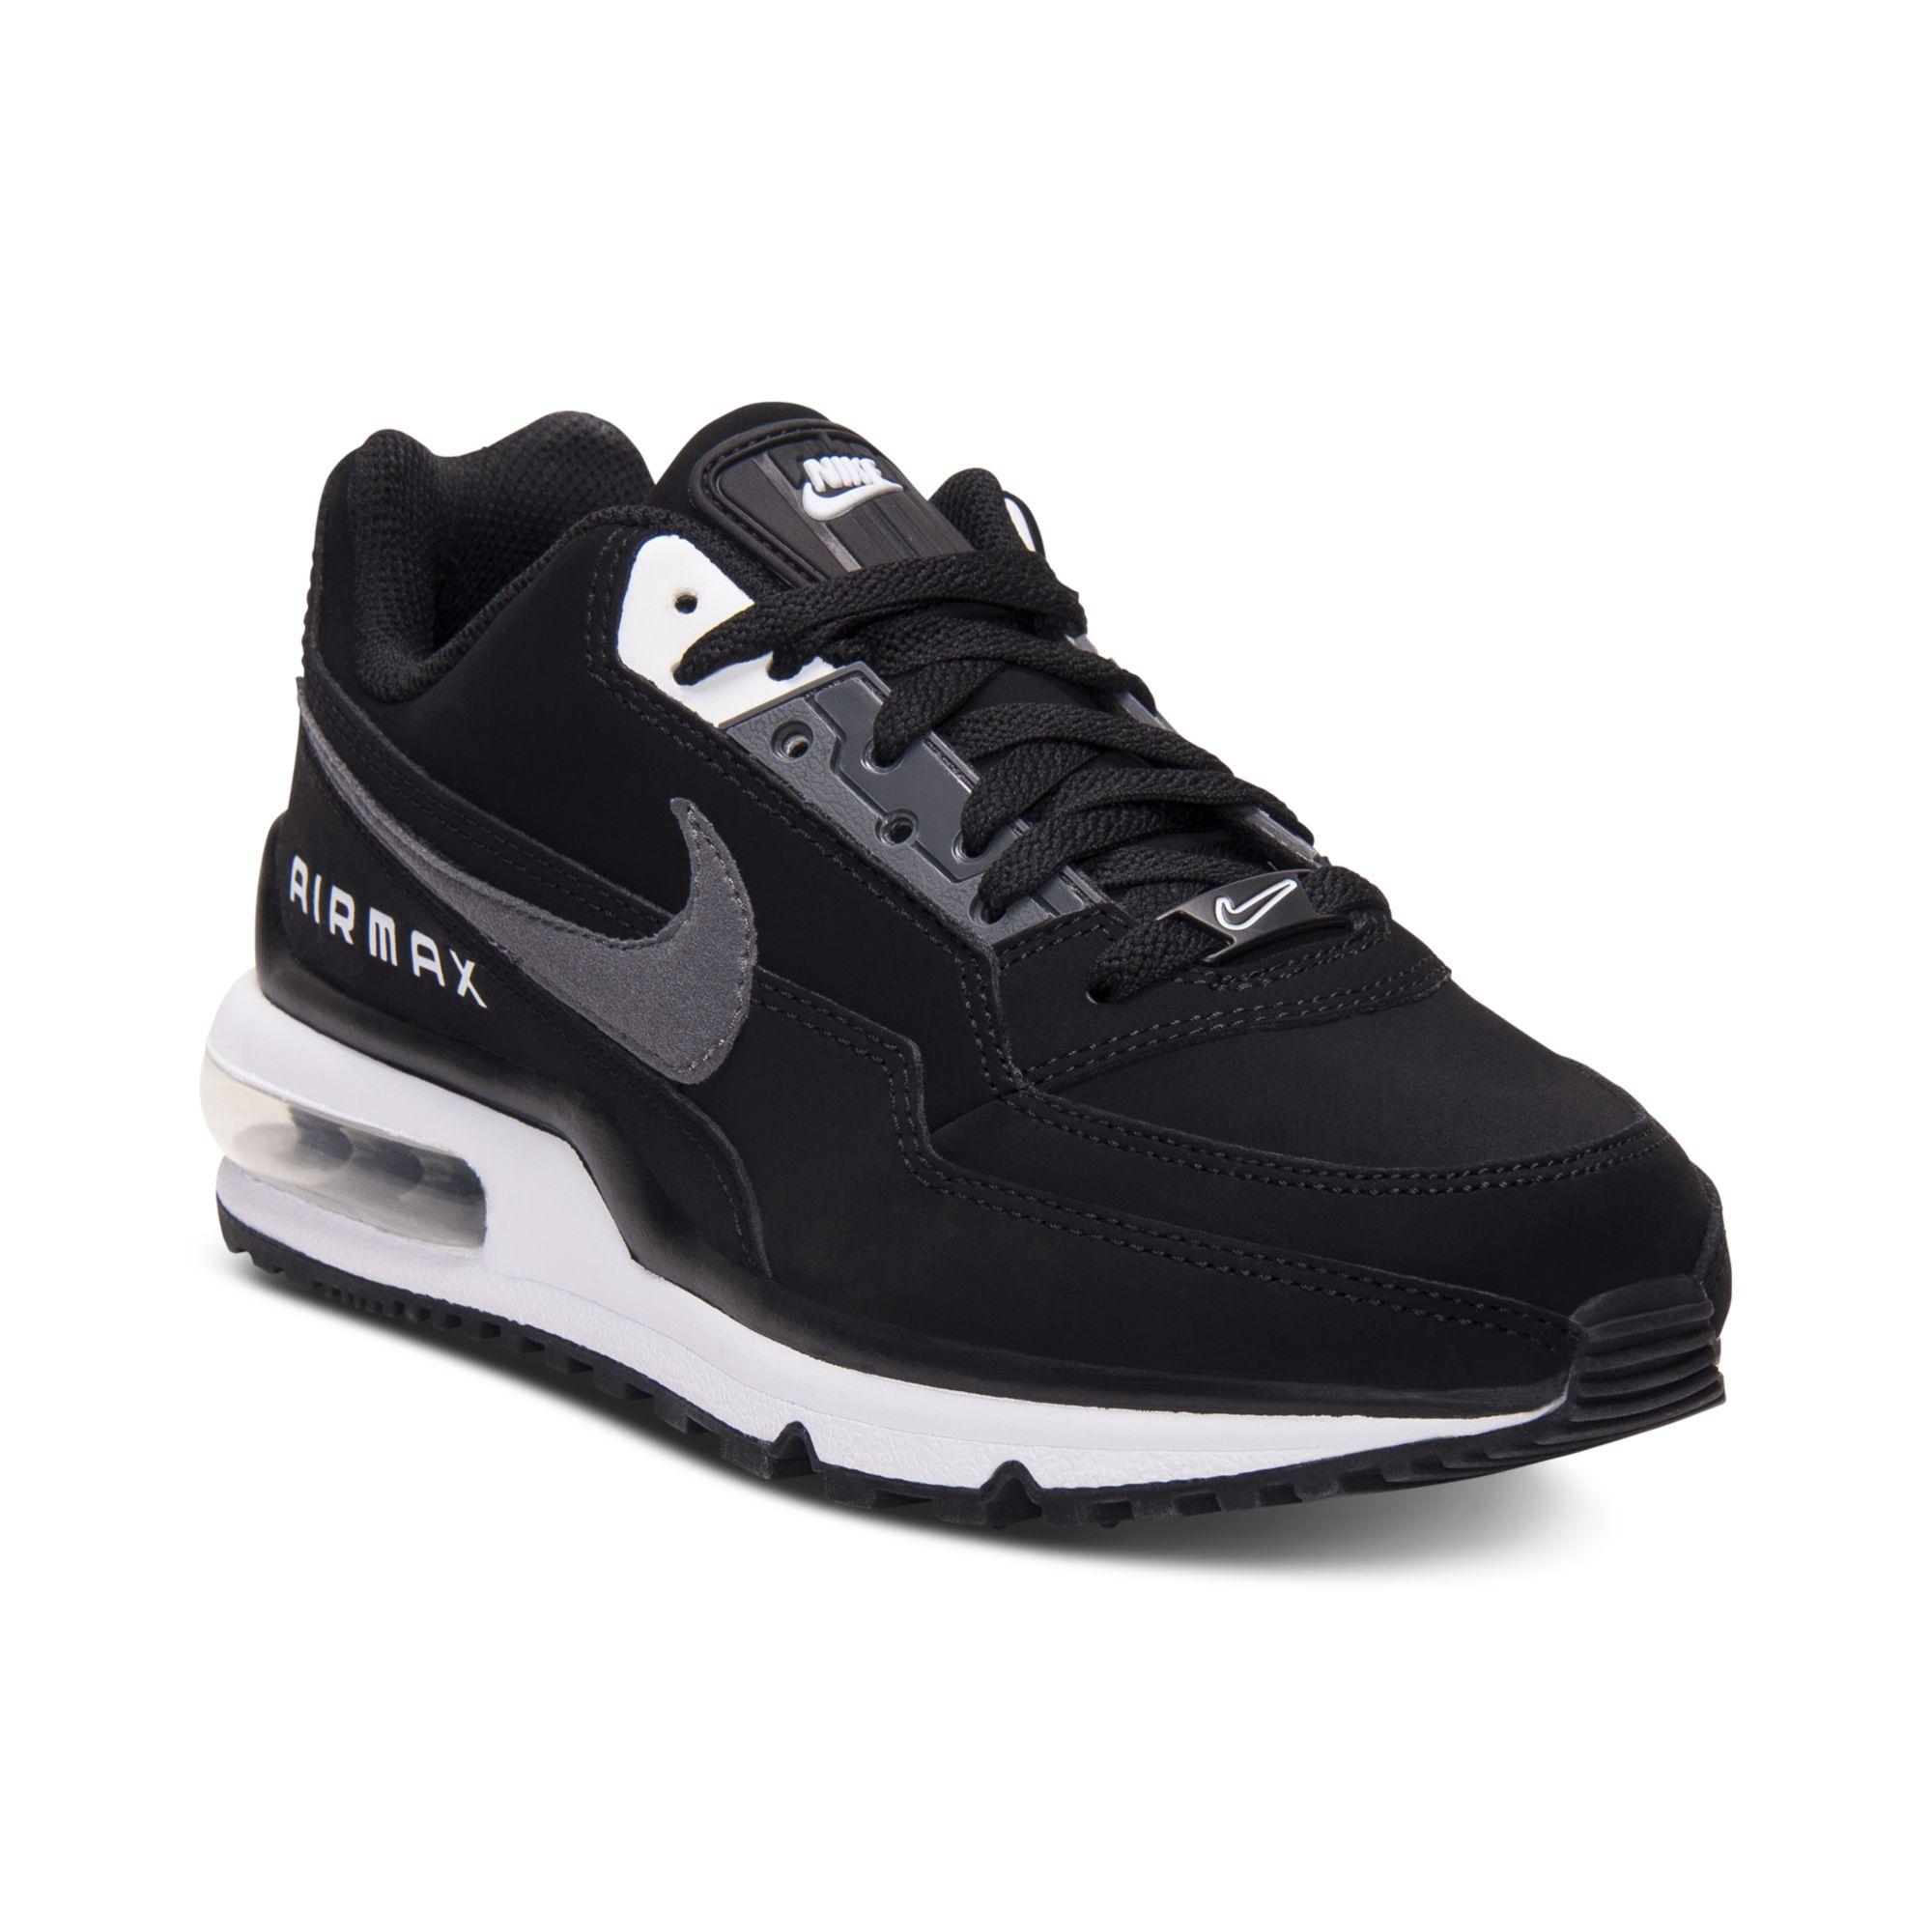 Nike Air Max Ltd Running Sneakers in Black for Men - Lyst